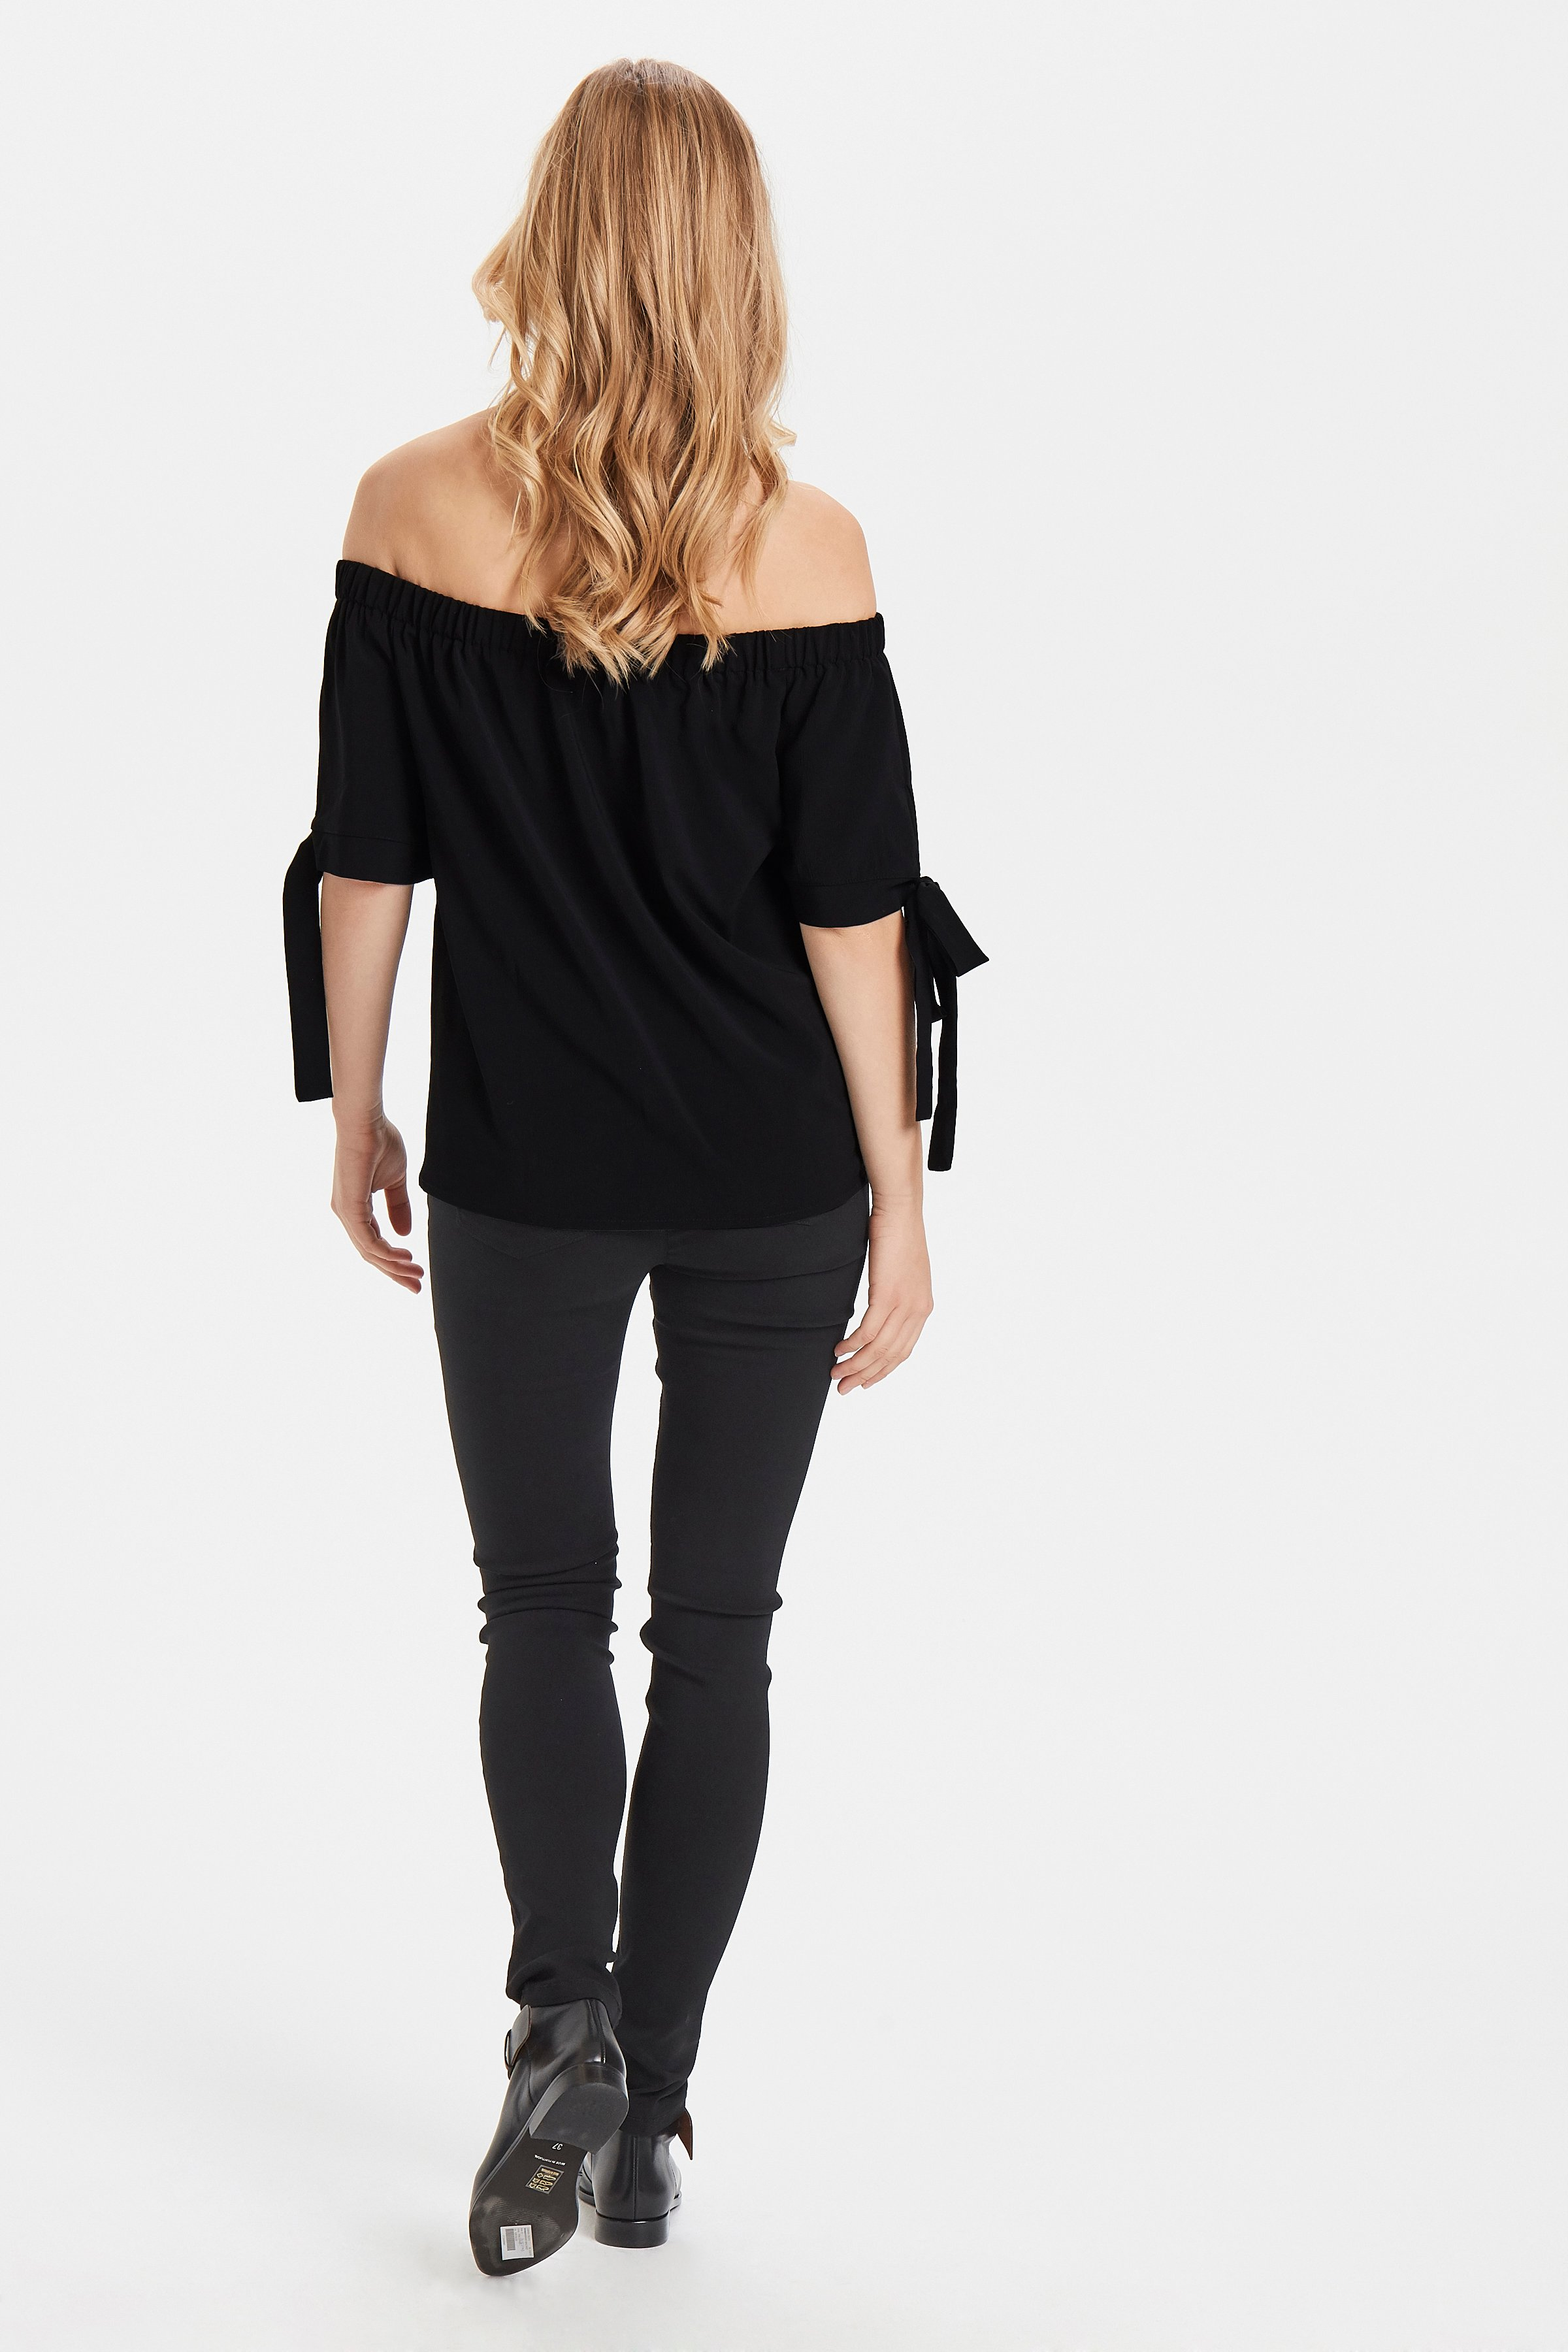 Black Kurzarm-Bluse von b.young – Kaufen Sie Black Kurzarm-Bluse aus Größe 34-42 hier